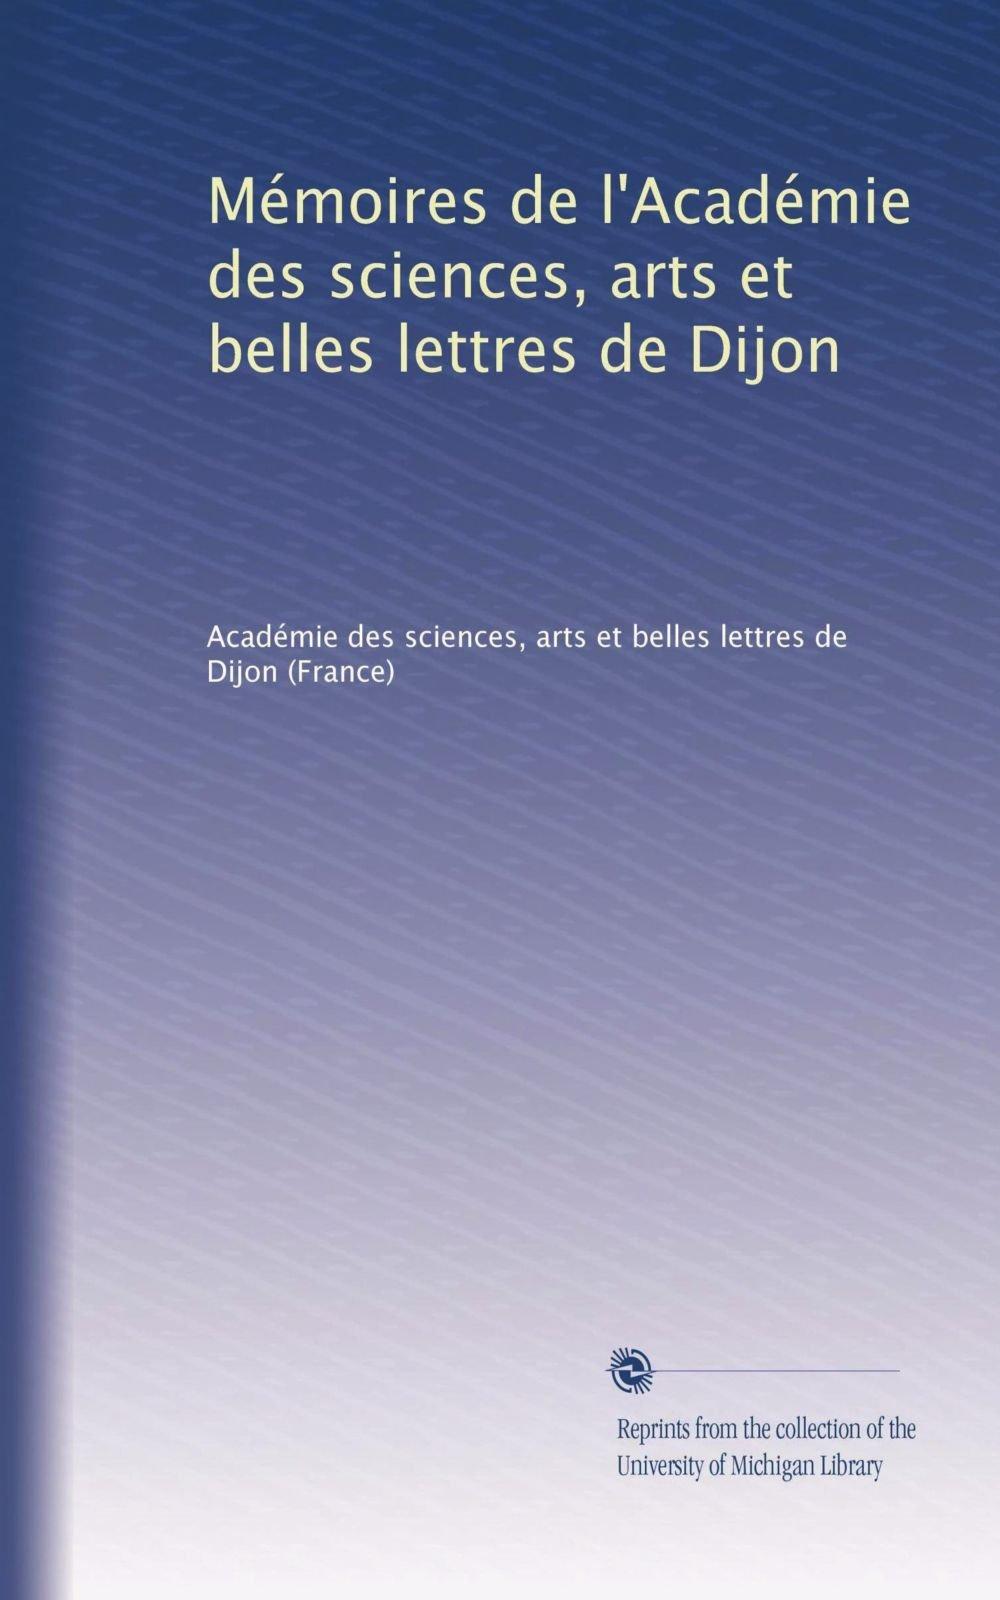 Download Mémoires de l'Académie des sciences, arts et belles lettres de Dijon (Volume 30) (French Edition) ebook